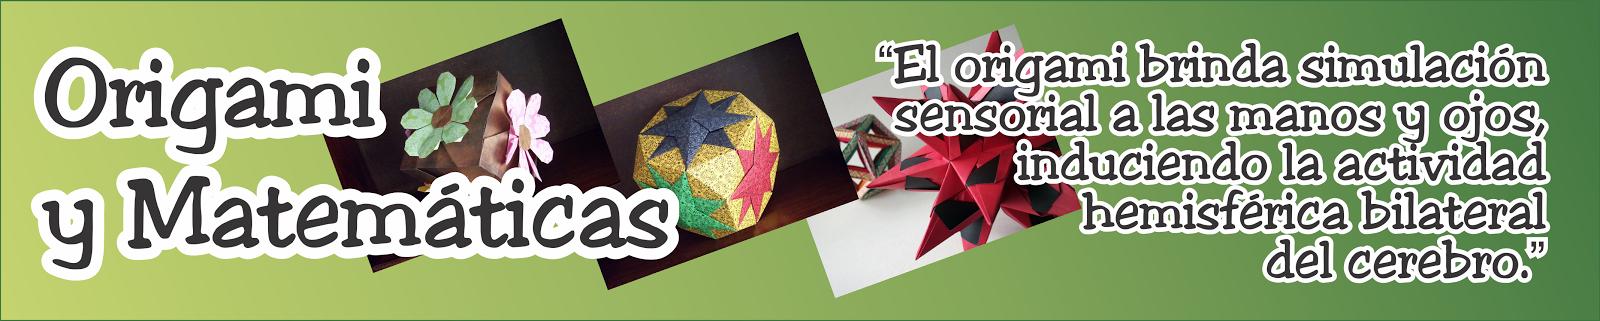 Origami y Matemáticas